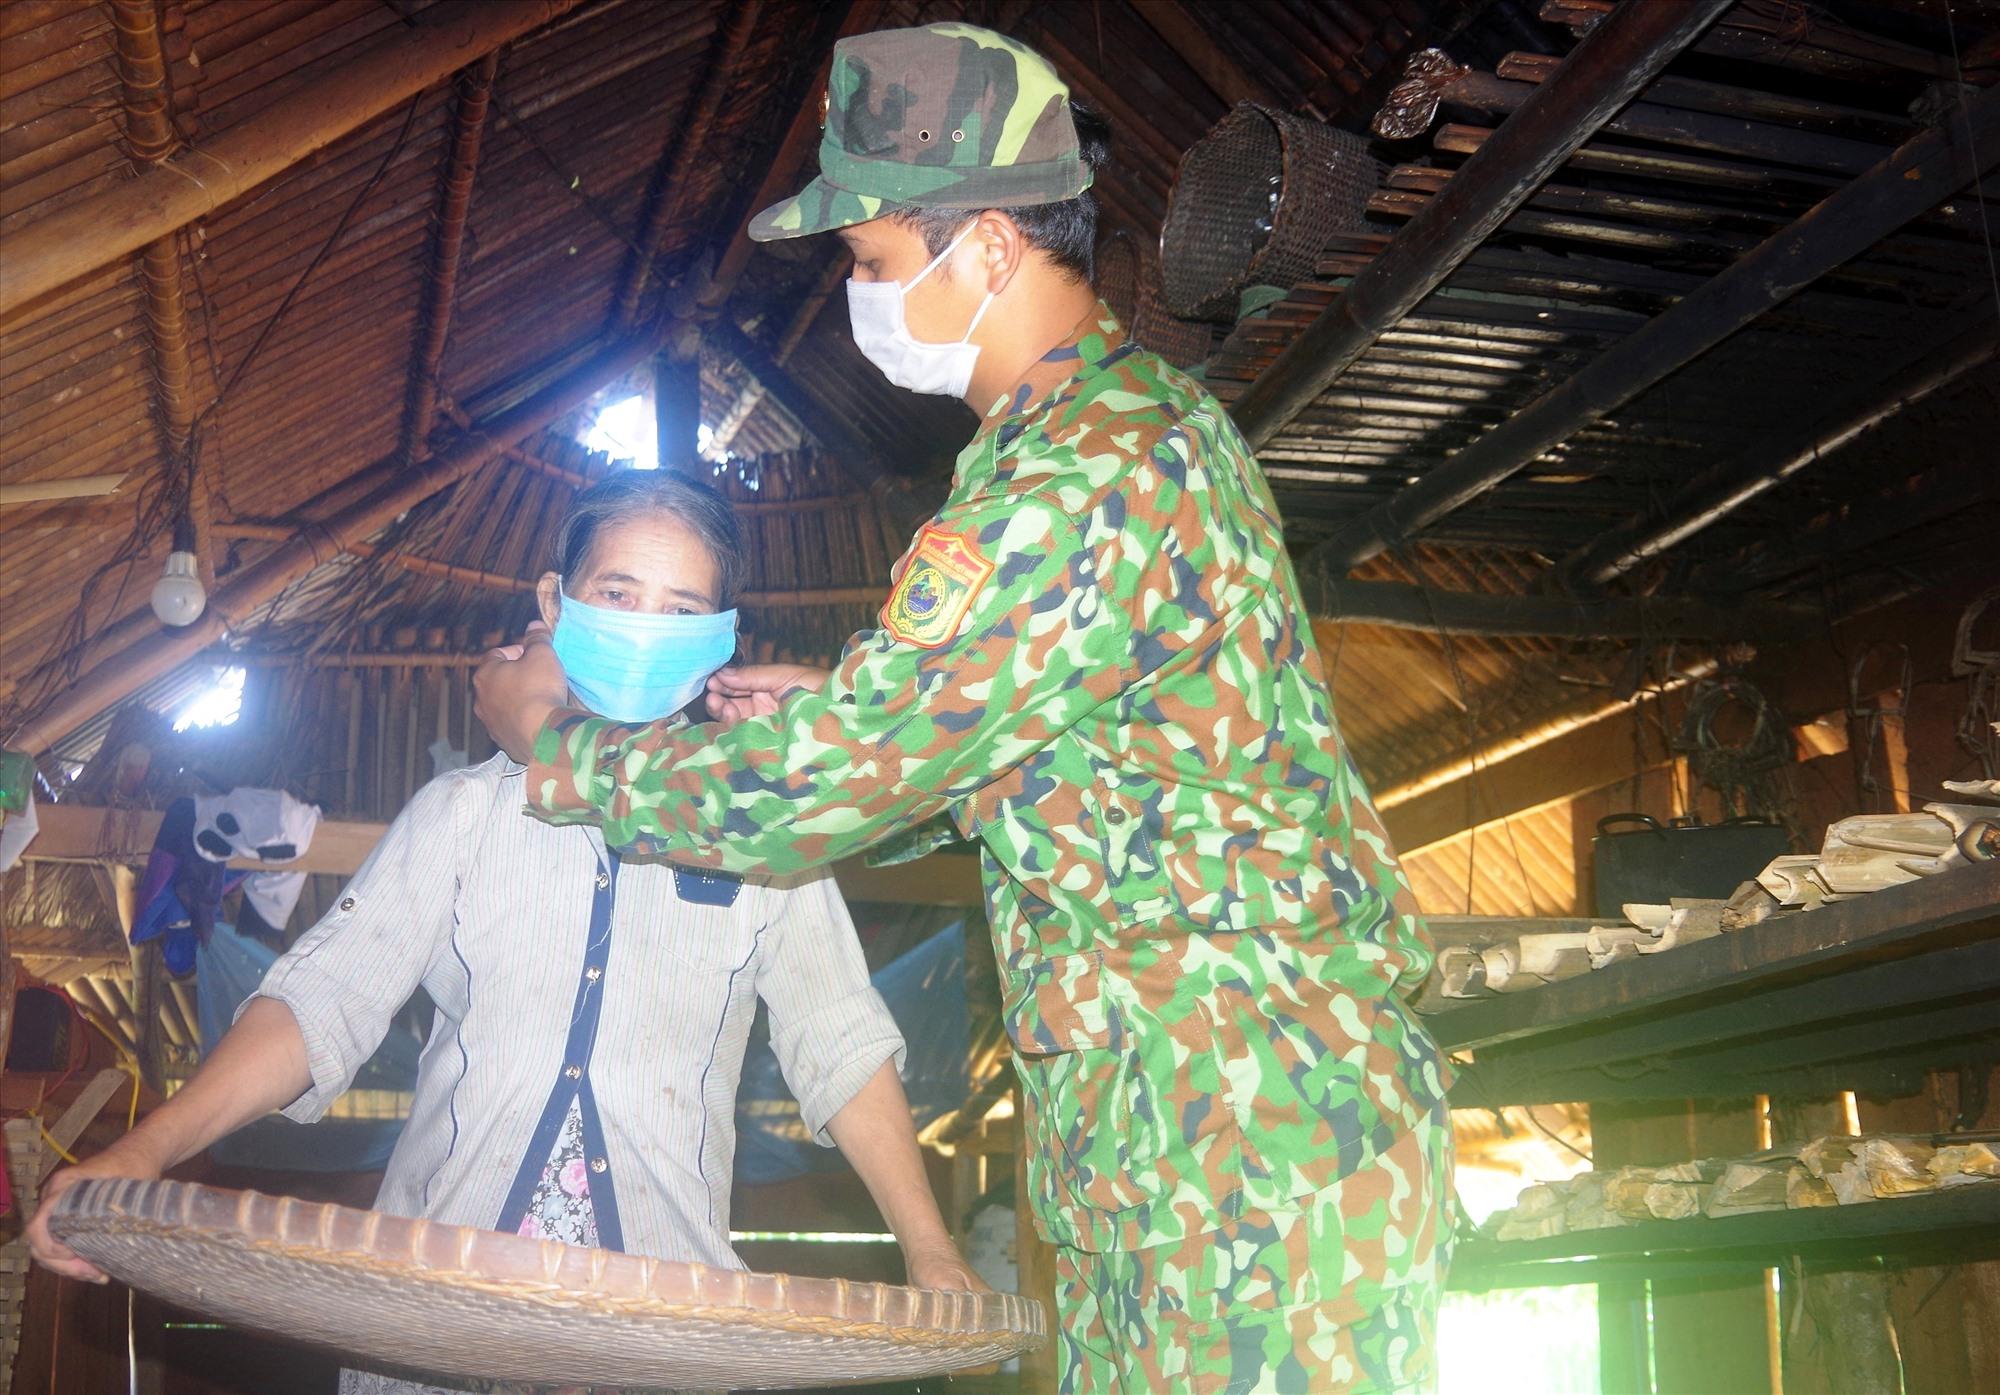 Không chỉ trực gác, cán bộ chiến sĩ còn đến từng nhà người dân để hướng dẫn việc đeo khẩu trang đúng cách. Ảnh: T.N